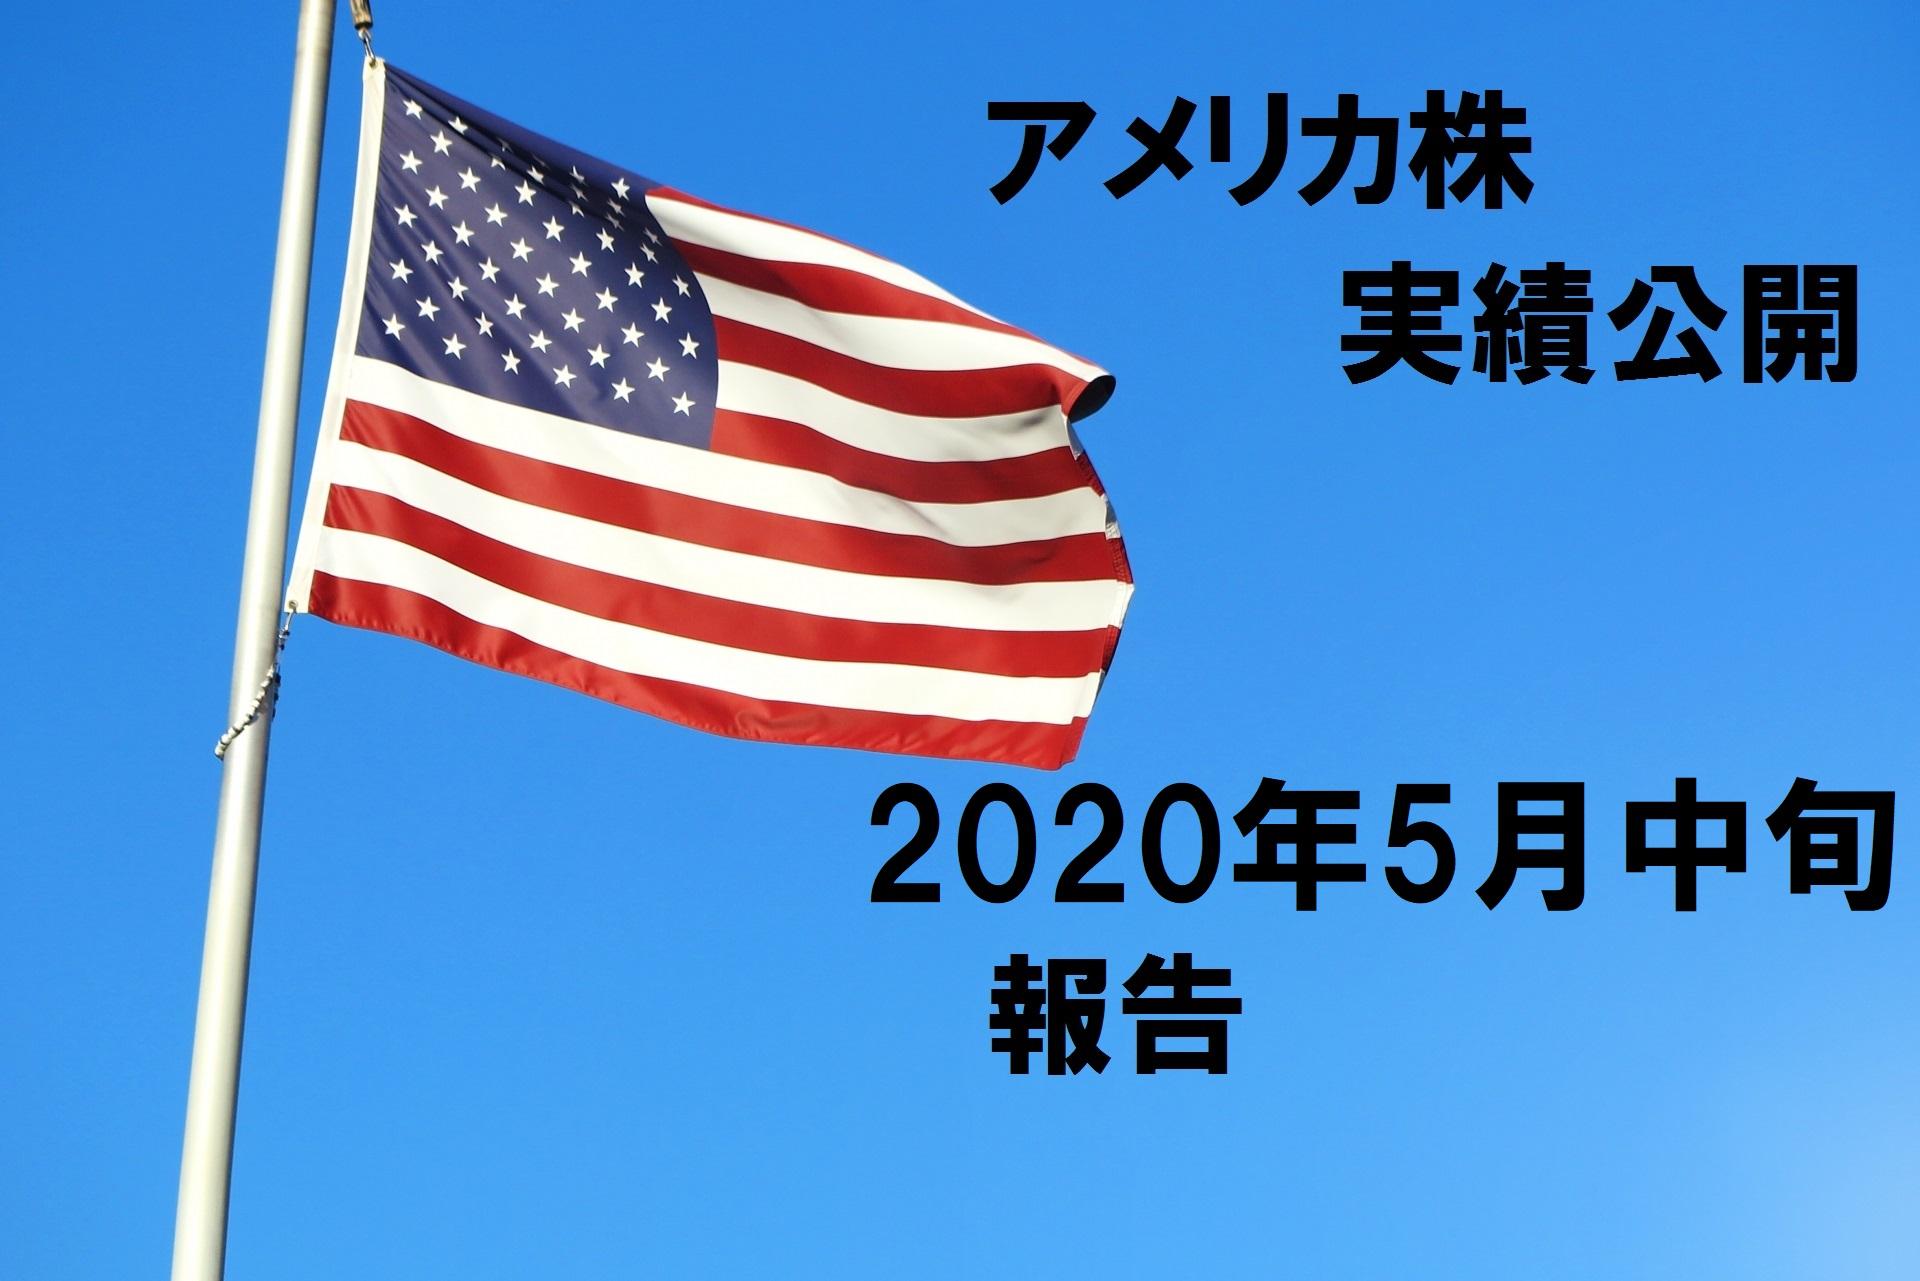 2020年5月中旬時点でのアメリカ株実績報告(世界中で感染者拡大は止まった?アメリカ編)